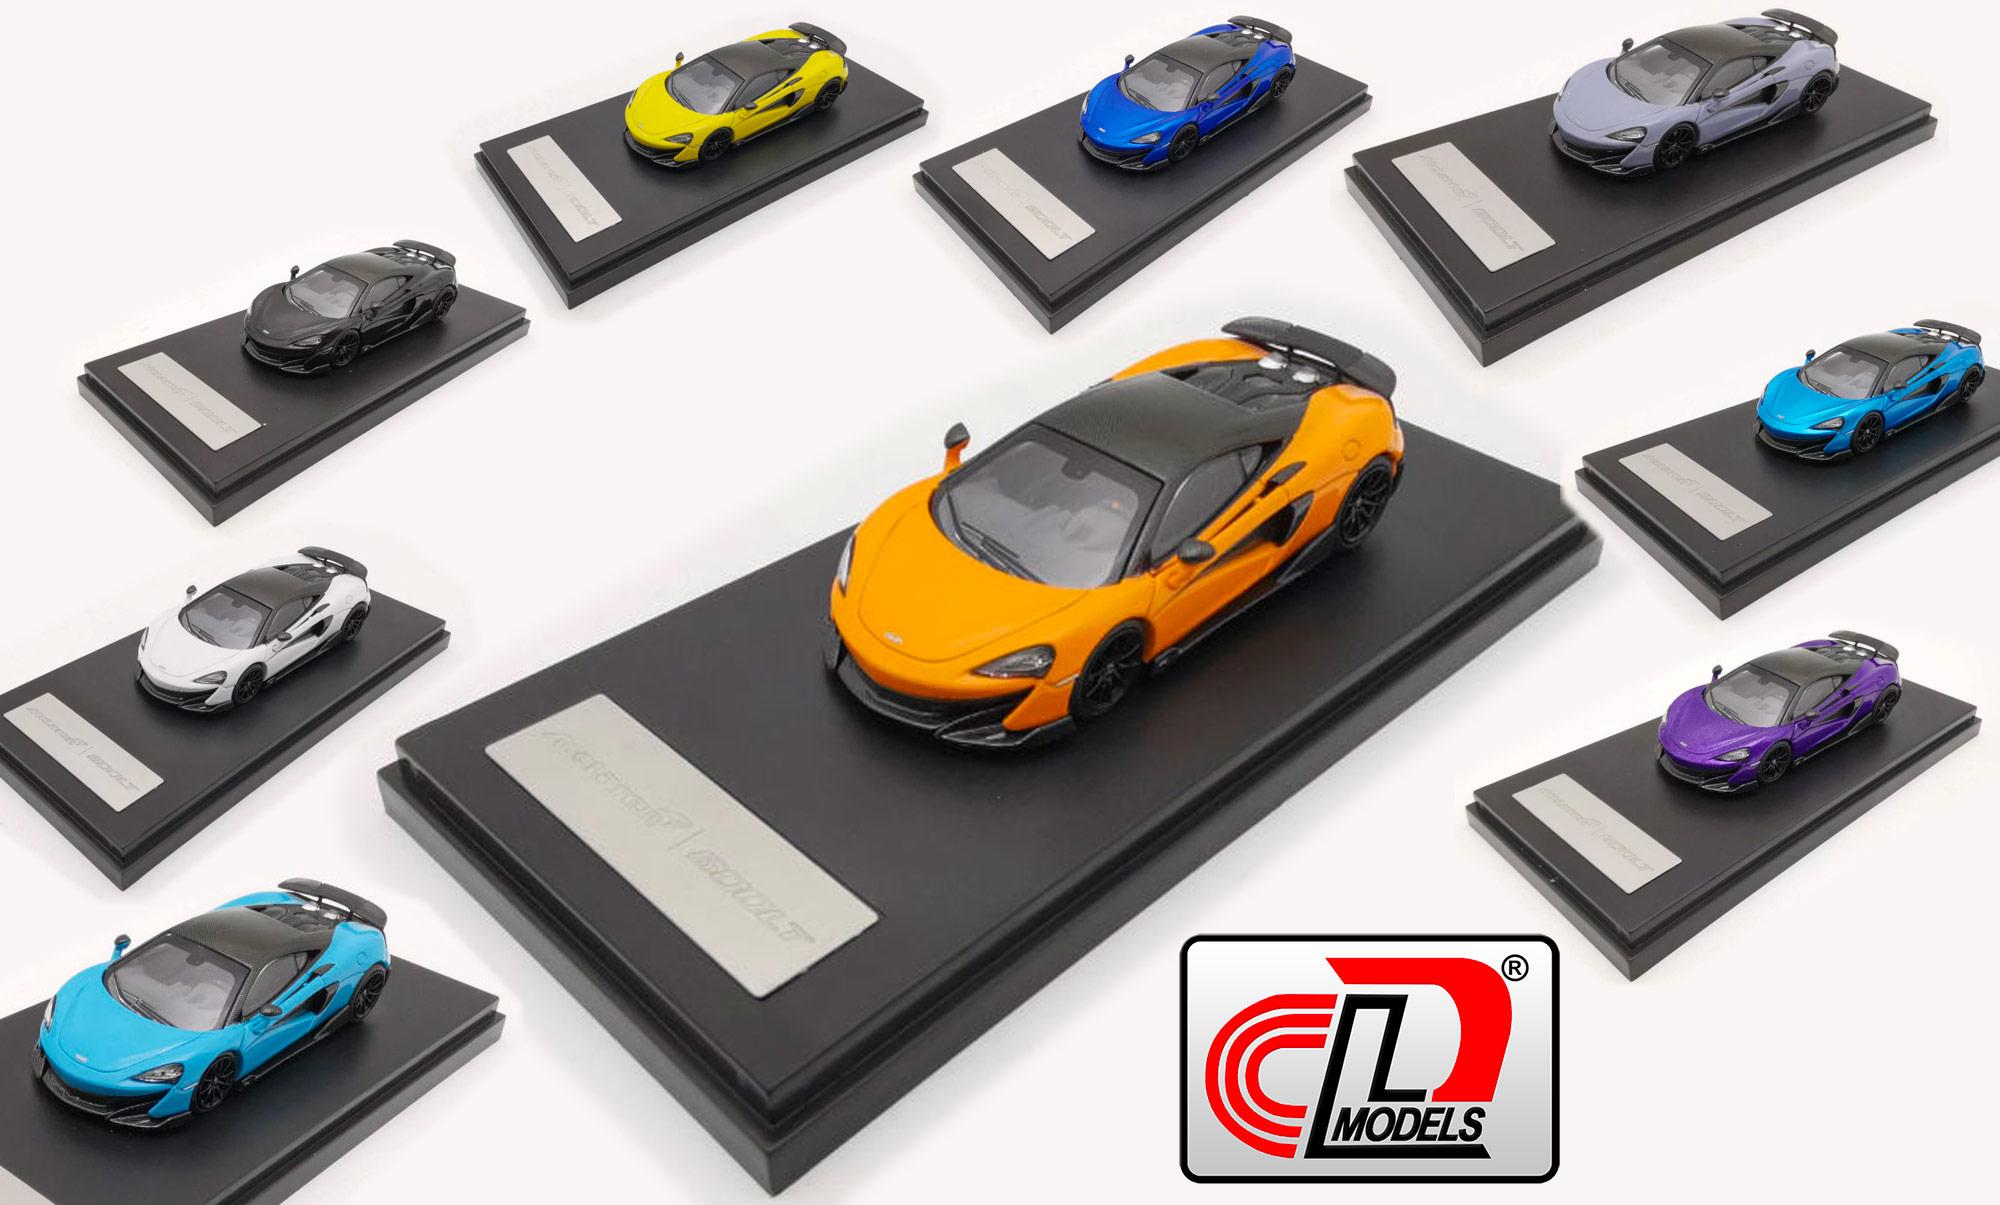 1/64 McLaren 600LT - LCD Models